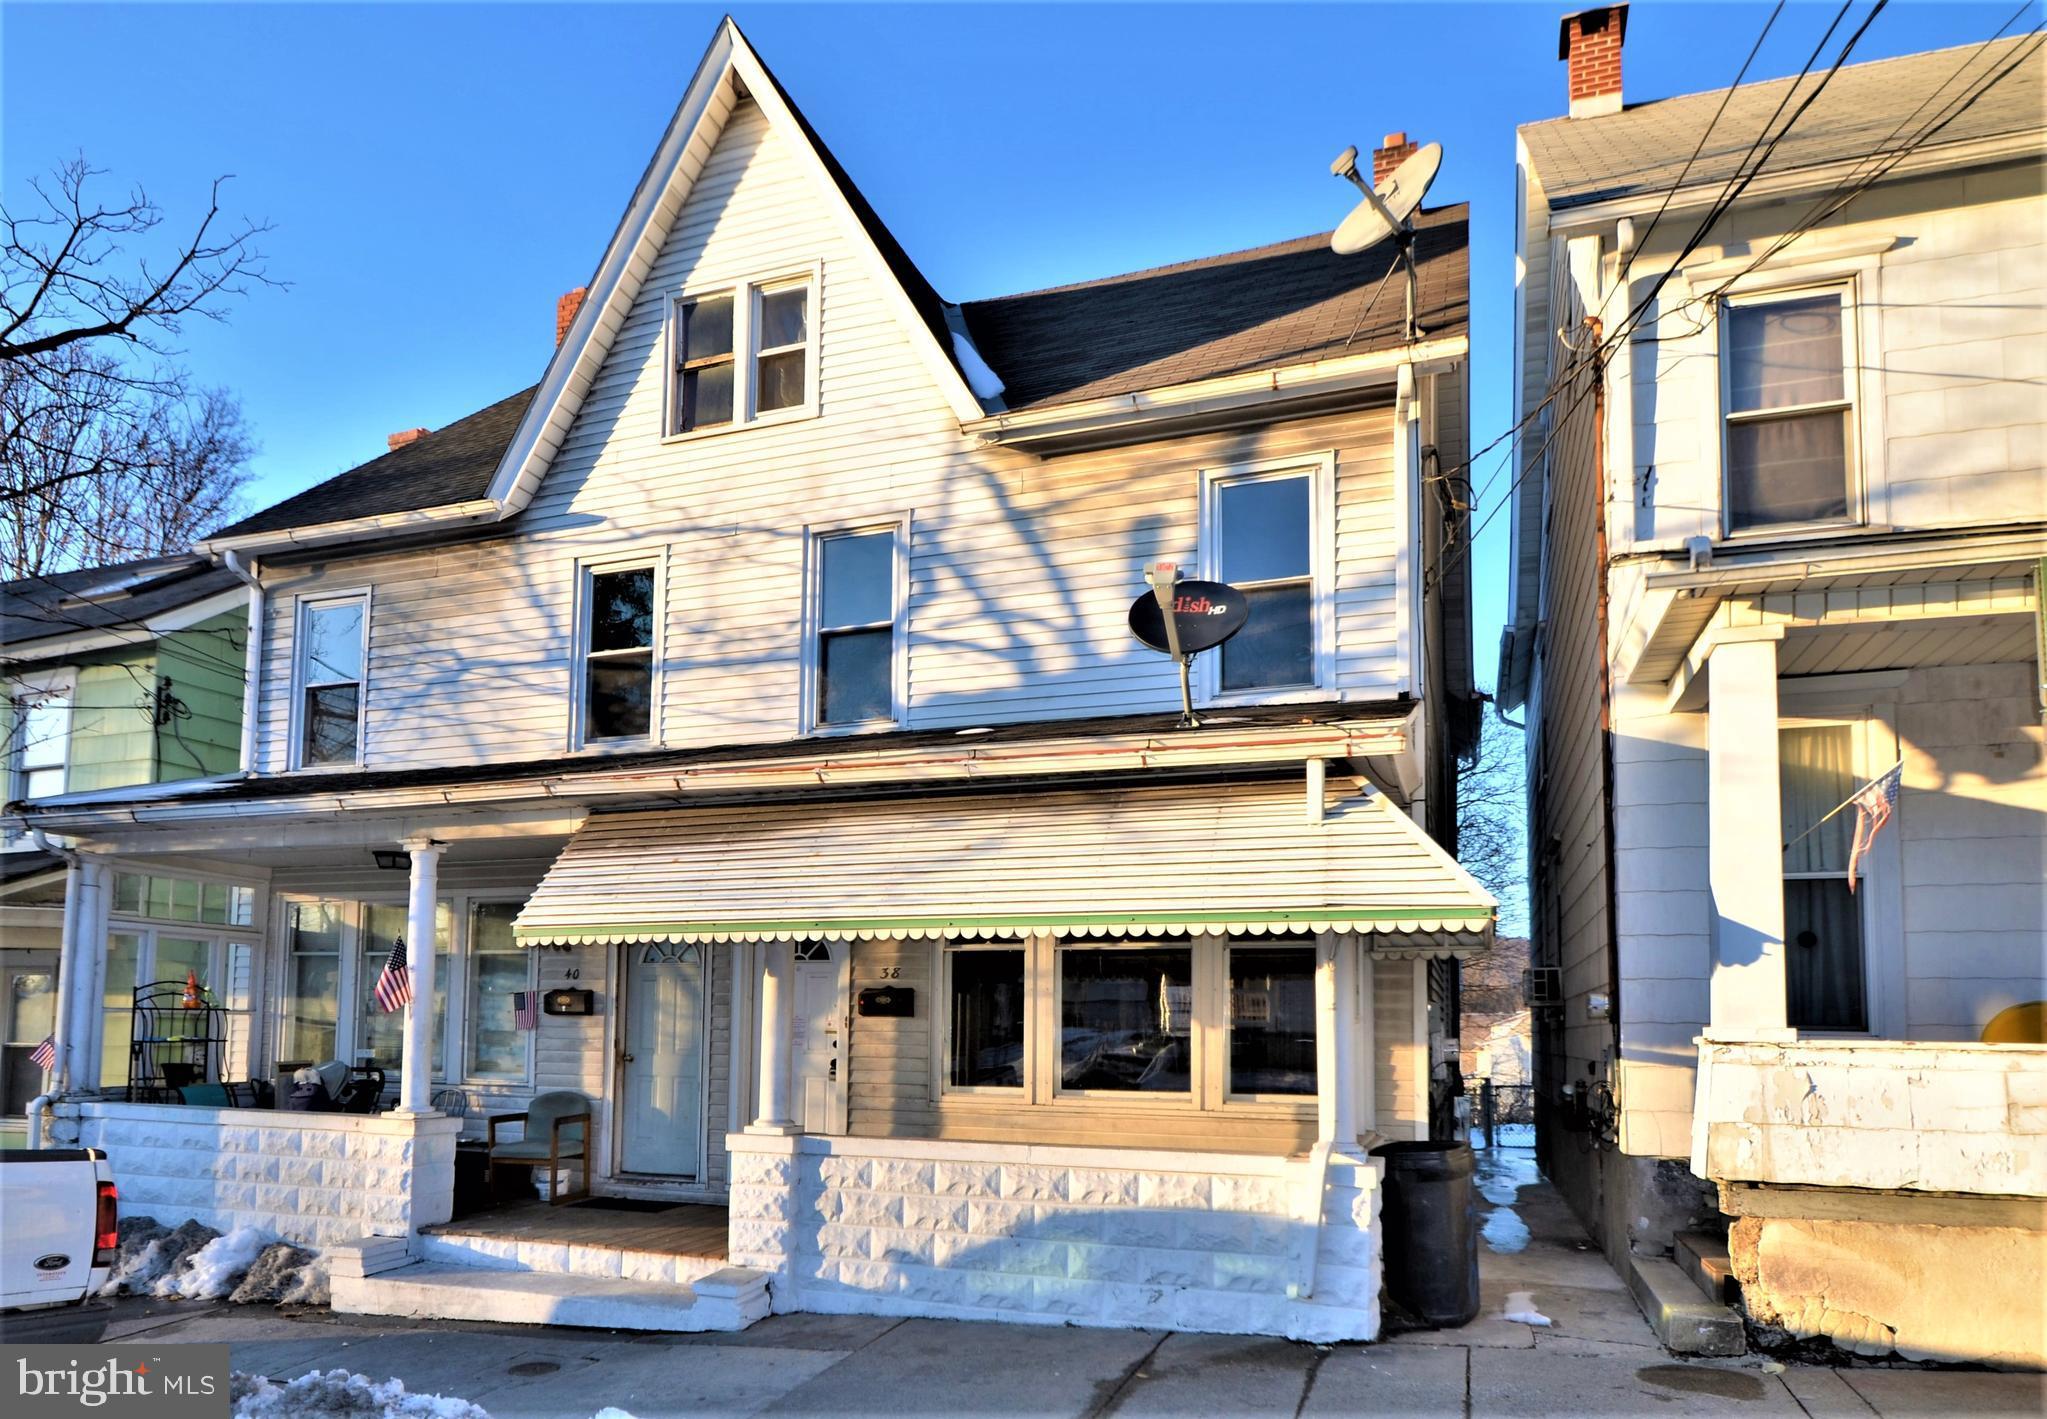 38 DOWELL STREET, SLATINGTON, PA 18080